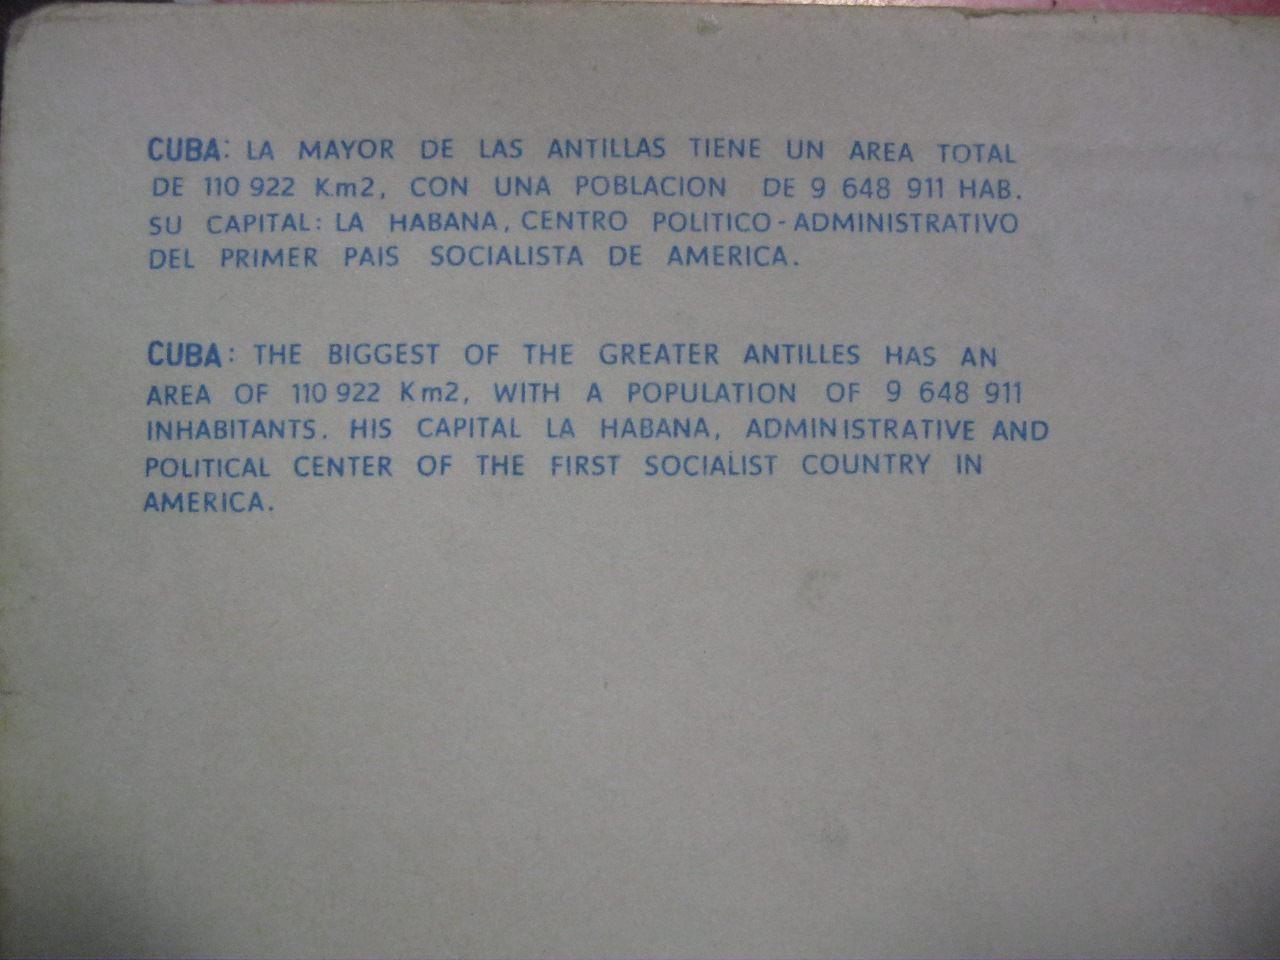 Открытка с картой Кубы. Оборот. Увеличенный текст.